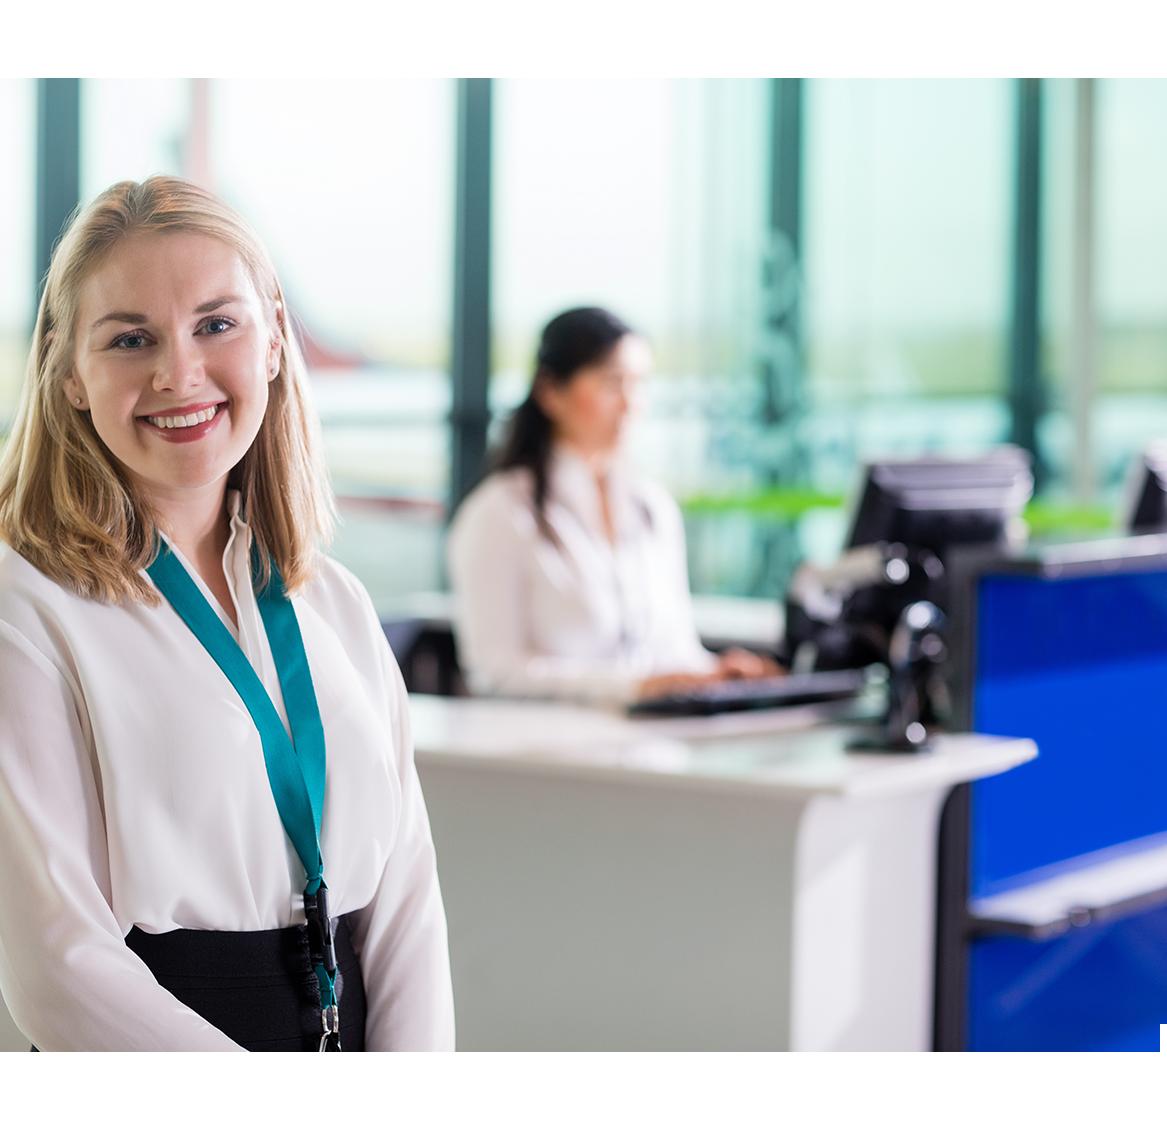 Una empleada posa sonriendo.